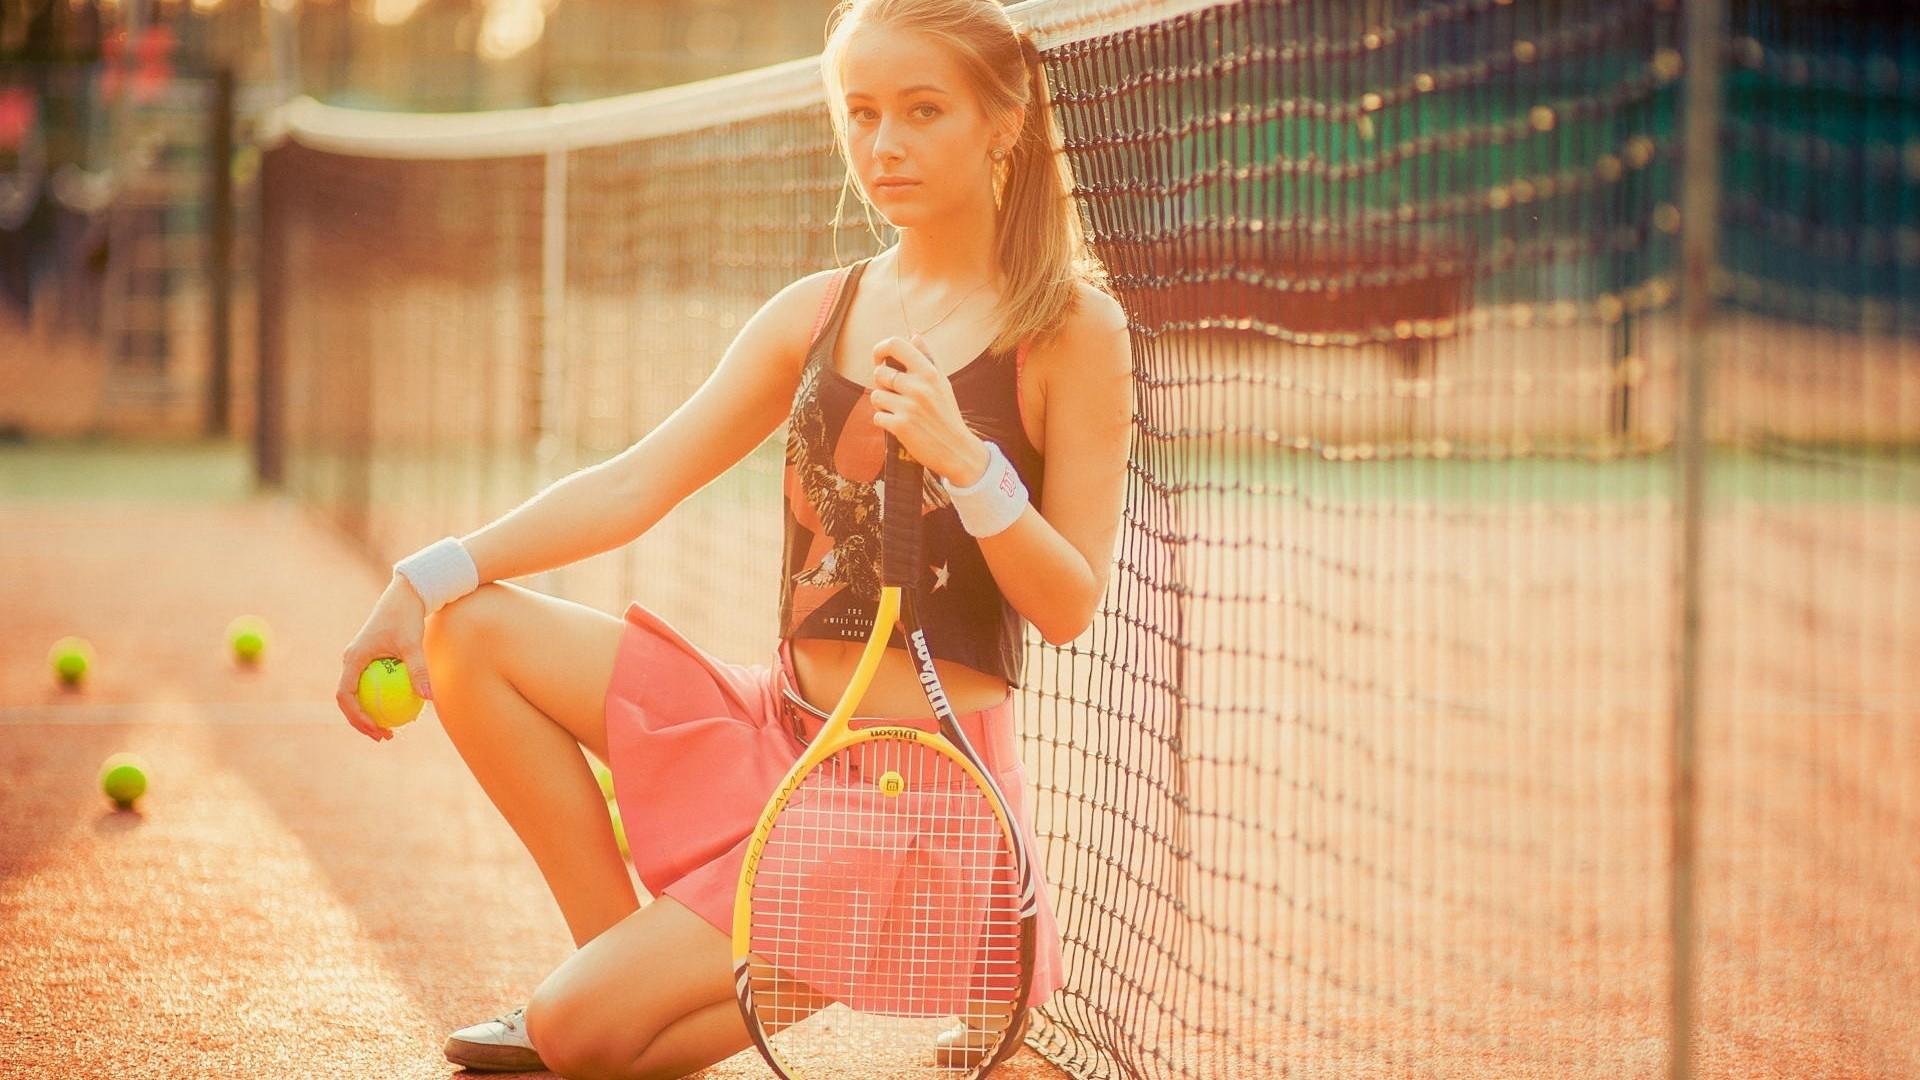 Теннисистки фотосет